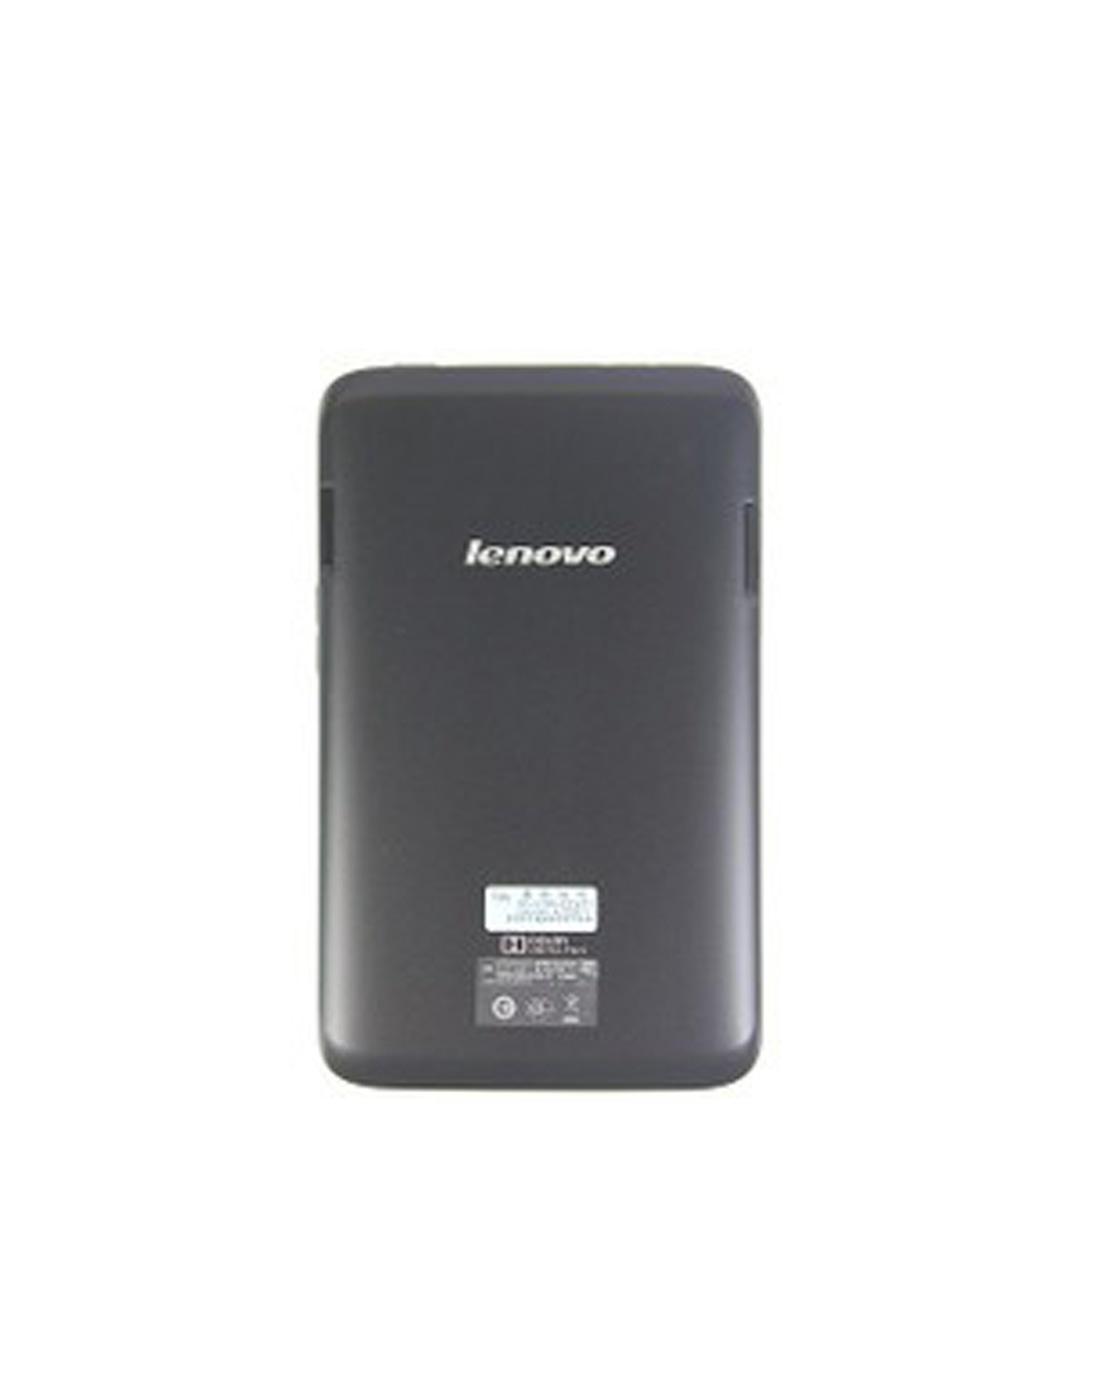 联想a3300 16g平板电脑黑色